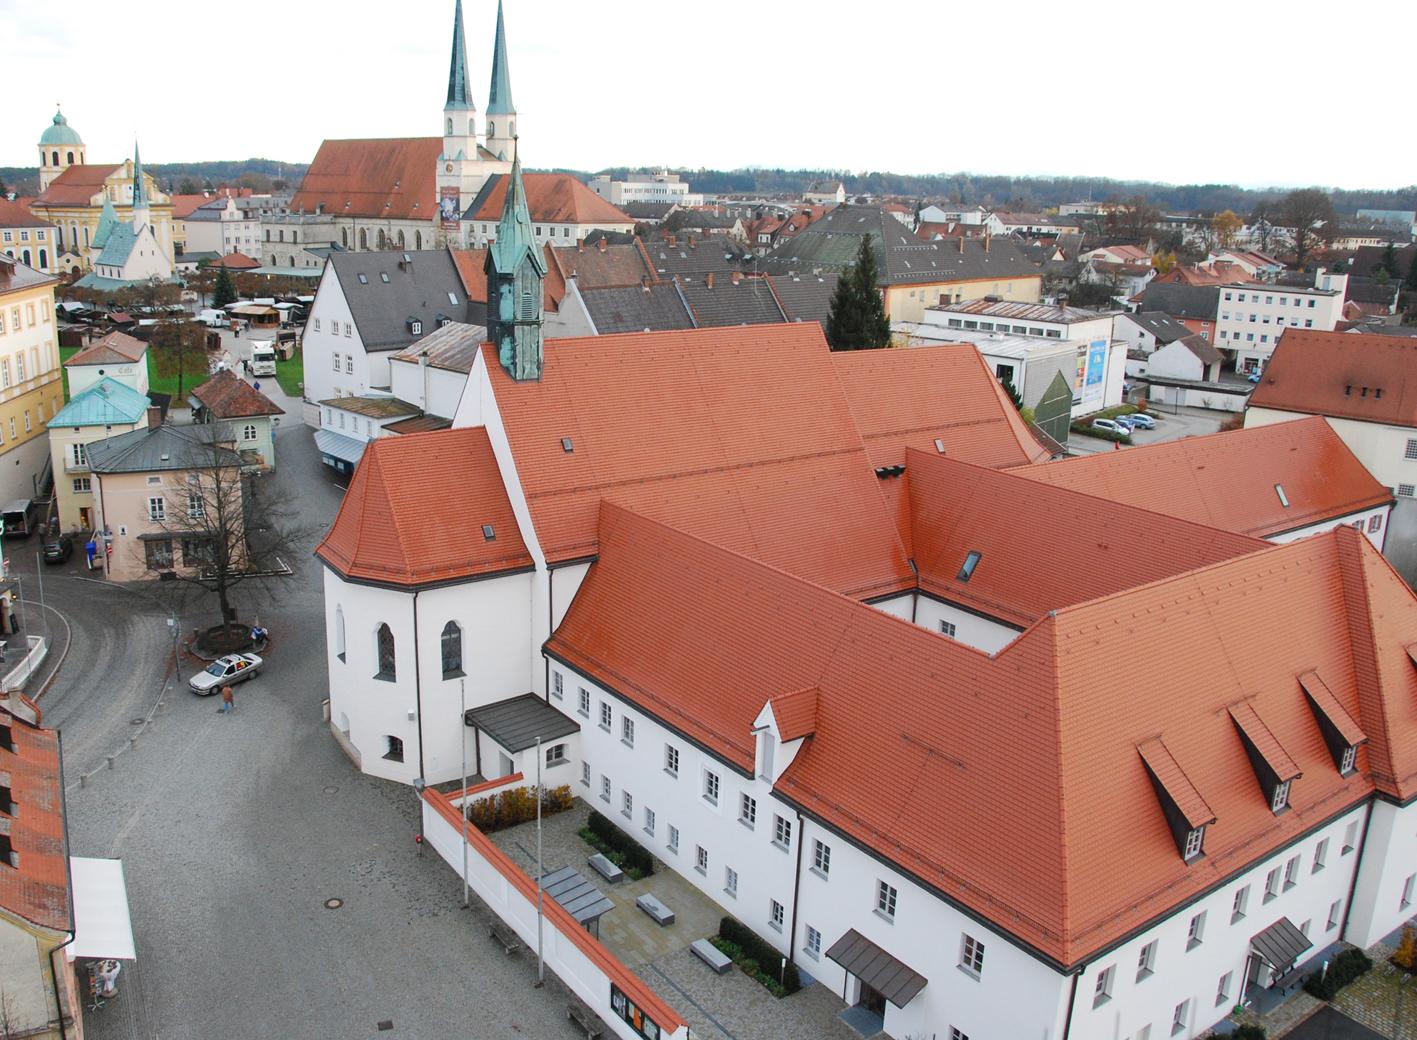 2021 02 15 aoelfb kloster stkonrad altoetting blick von oben